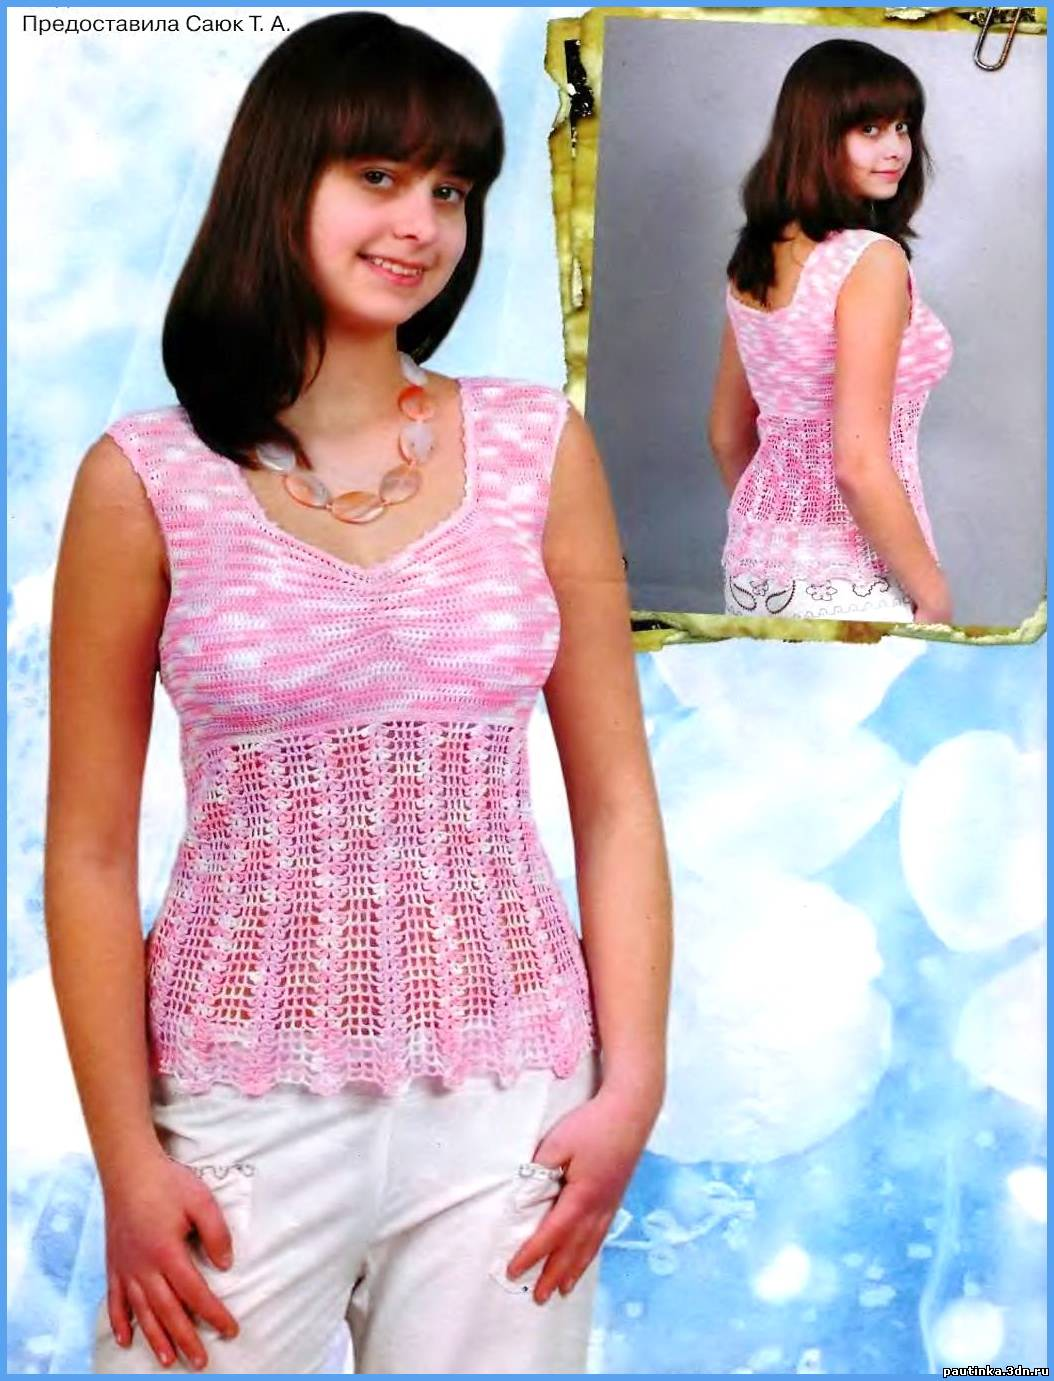 Для вязания кофточки 36 размера потребуется взять 200 г меланжевой пряжи розового цвета (в составе пряжи 100% коттон...